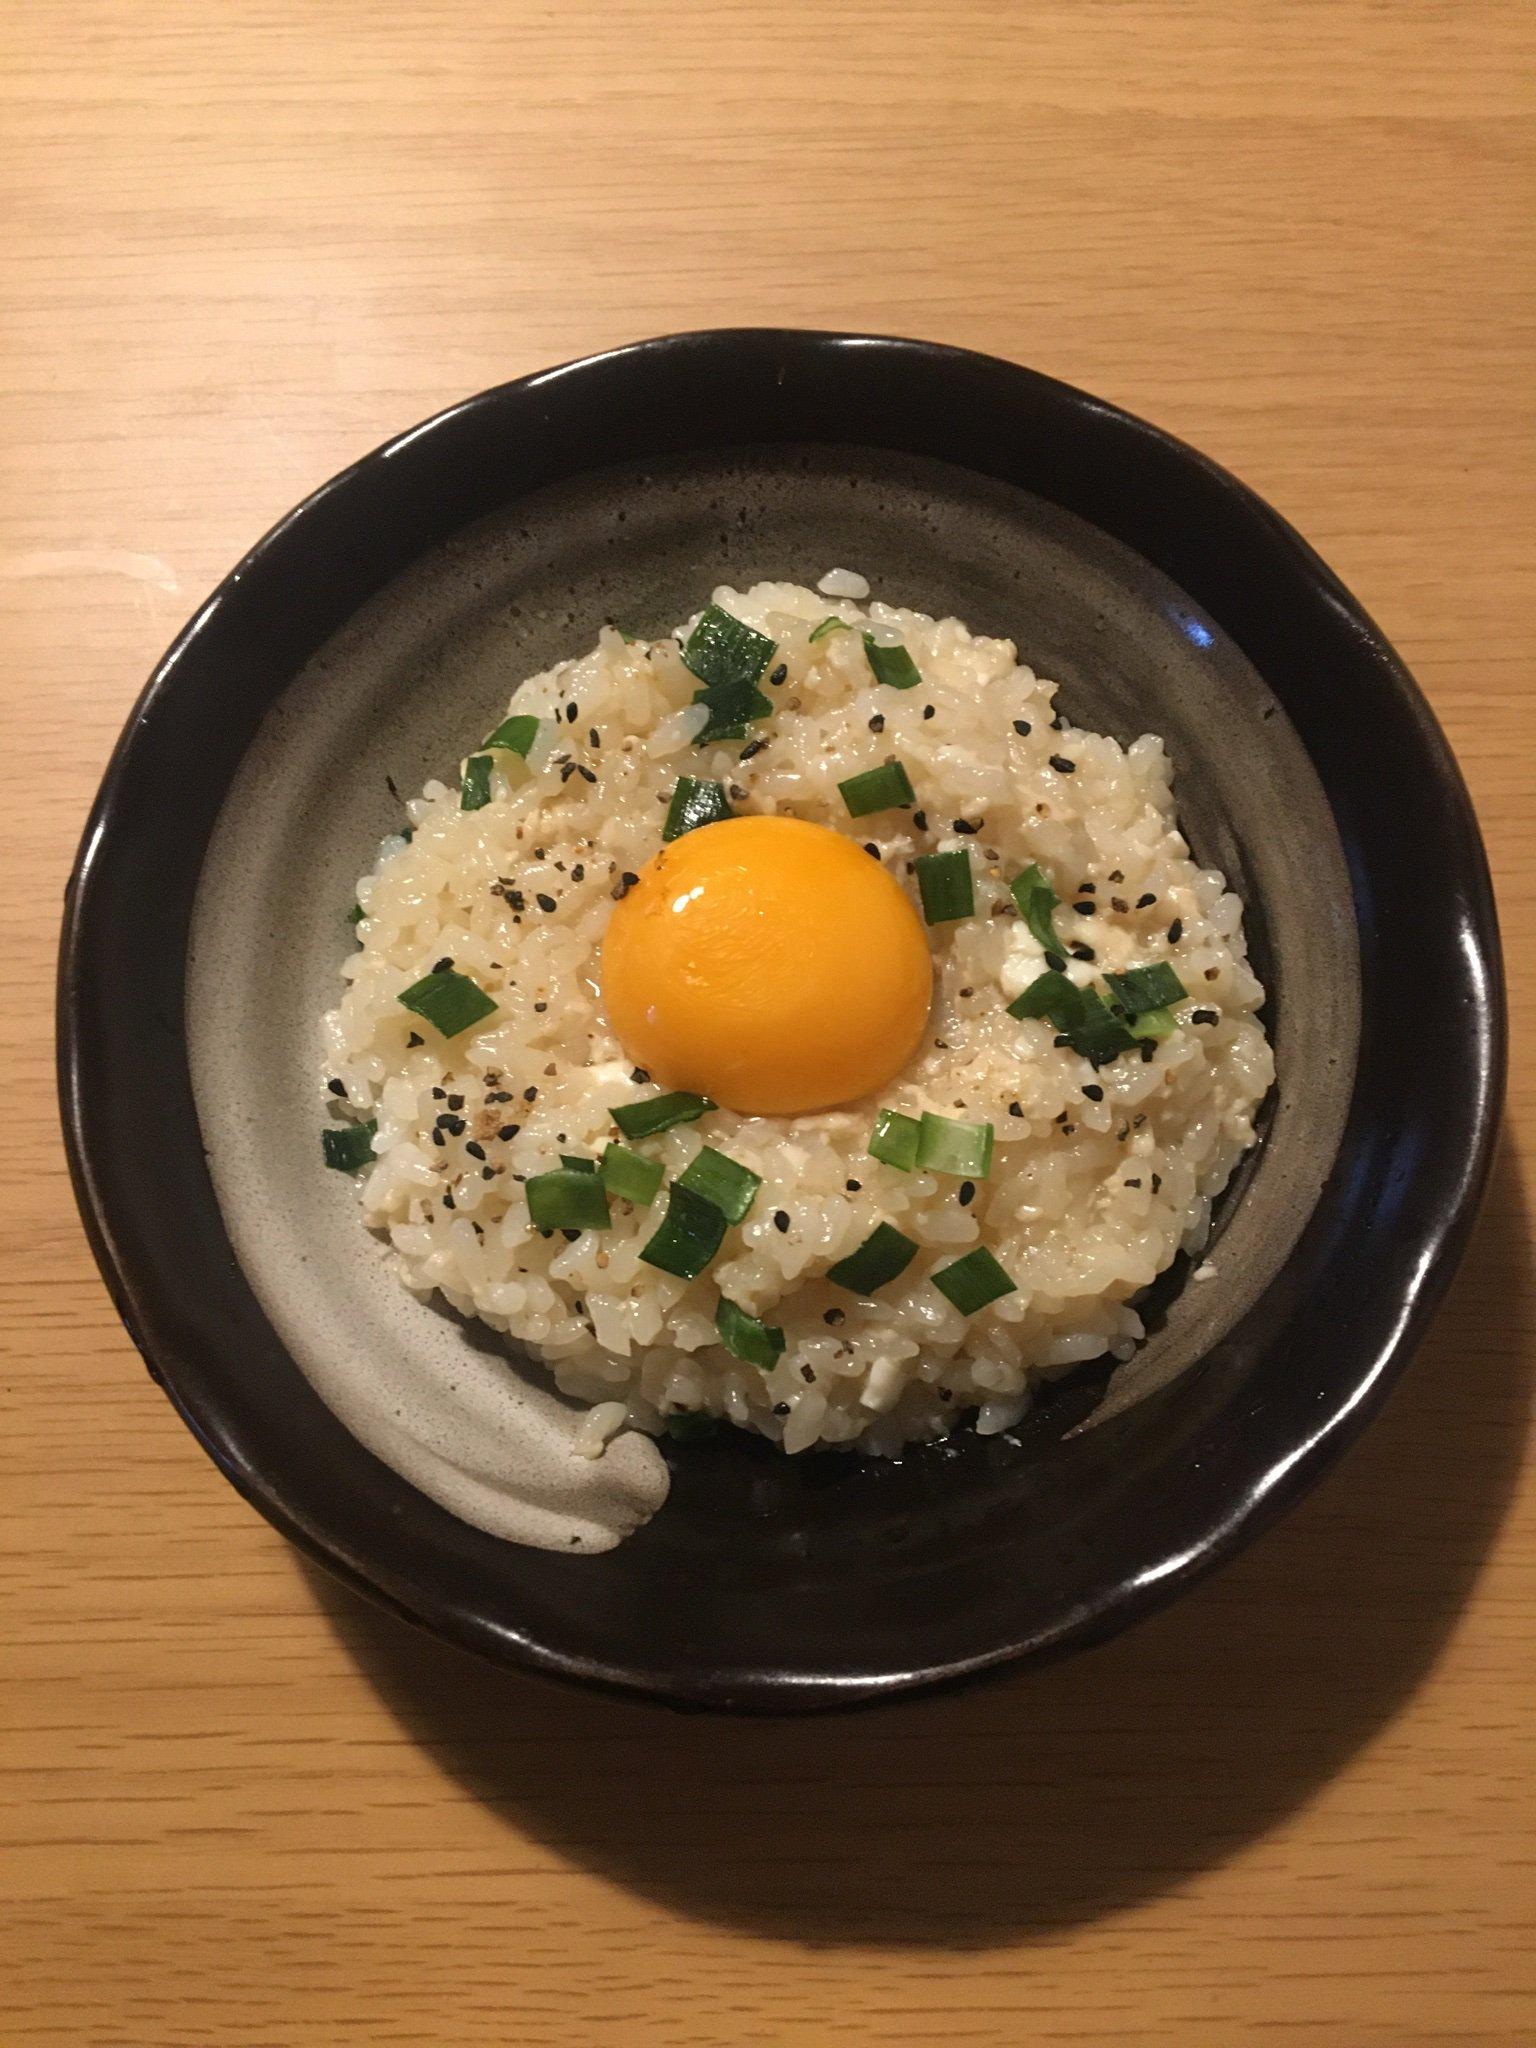 今日絶対食べようと思っていたもの。少しだしを入れすぎたけど、卵黄でまろやかになり美味しかったです。